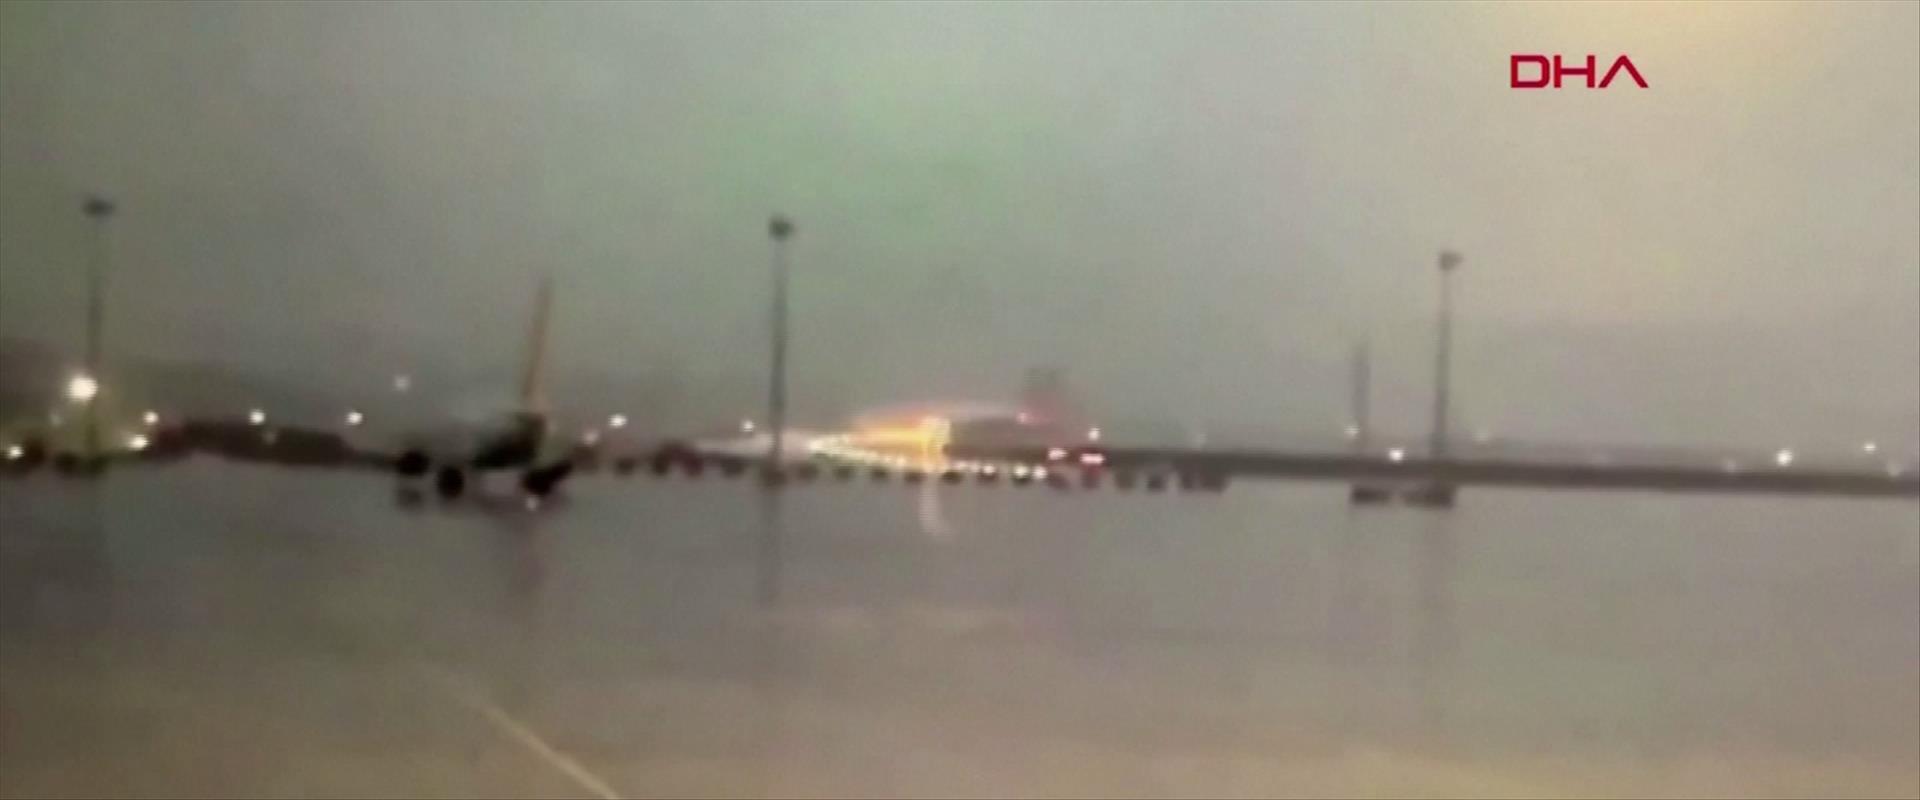 תאונת המטוס בשדה התעופה באיסטנבול